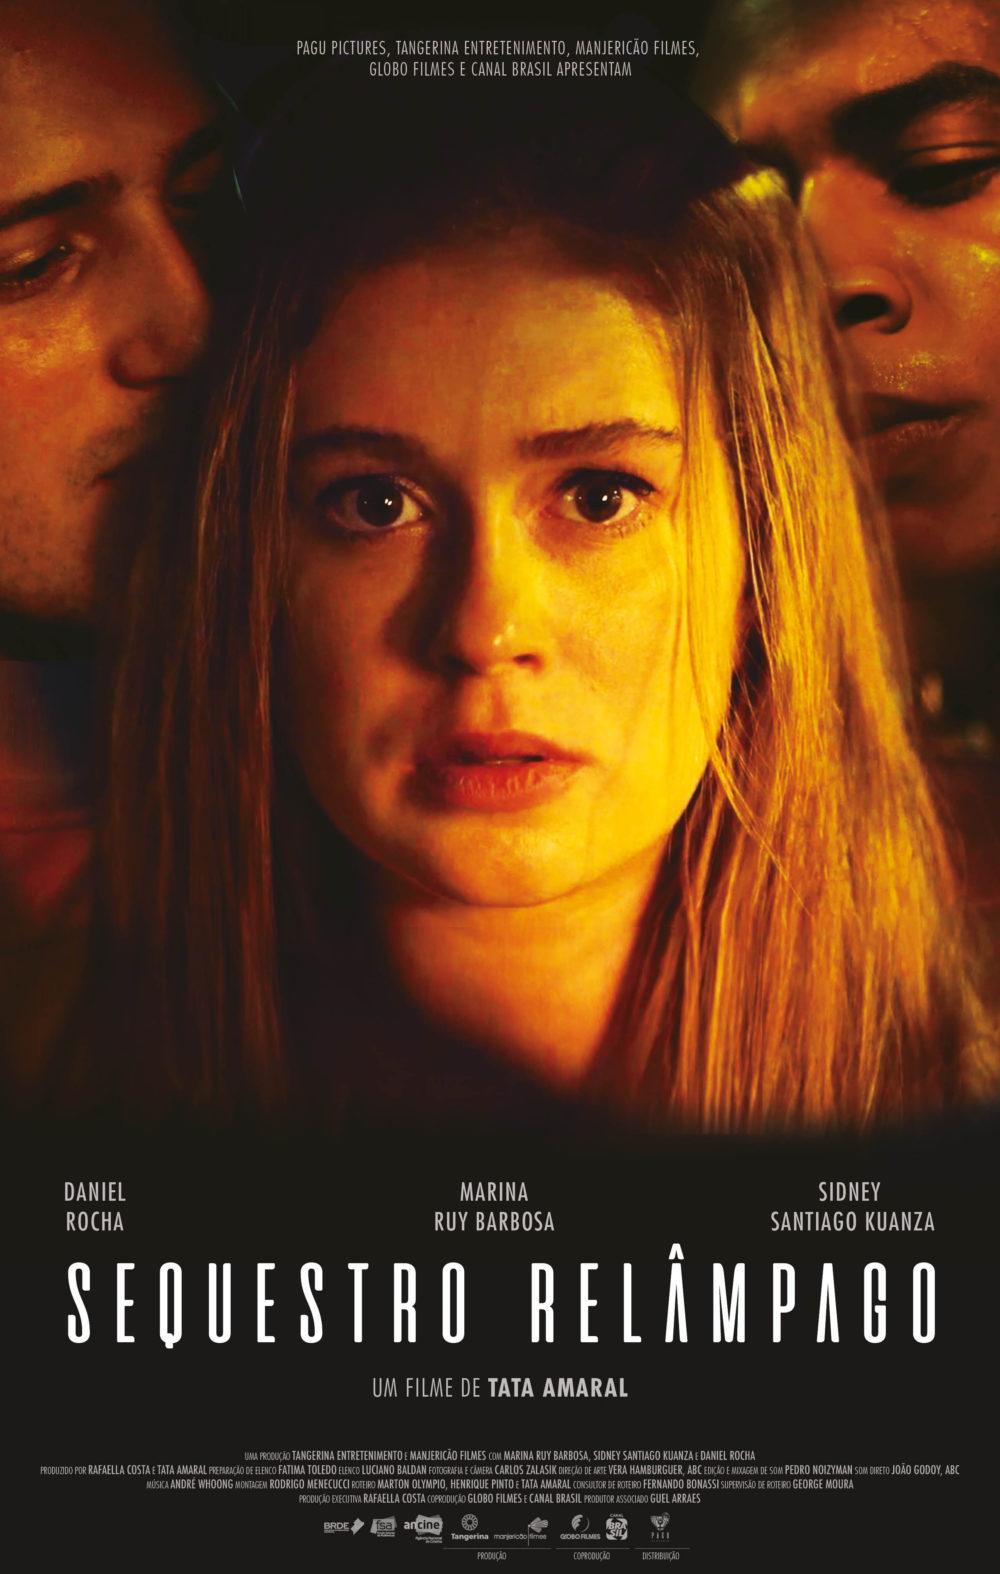 Sequestro Relâmpago [Nac] – IMDB 4.9